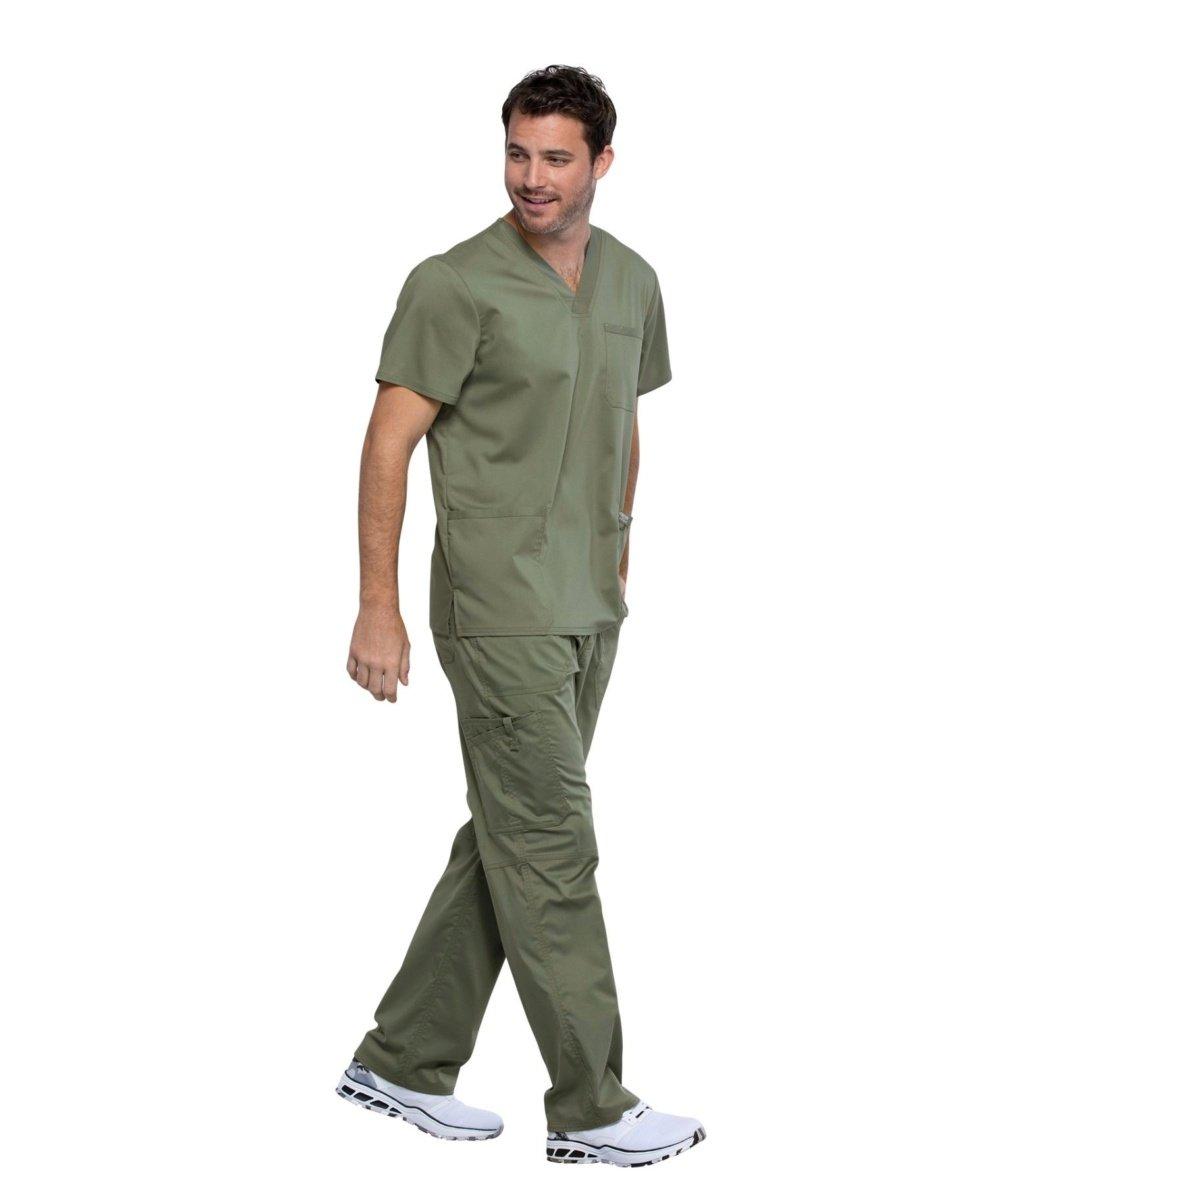 Мужской медицинский костюм Revolution цвет оливковый